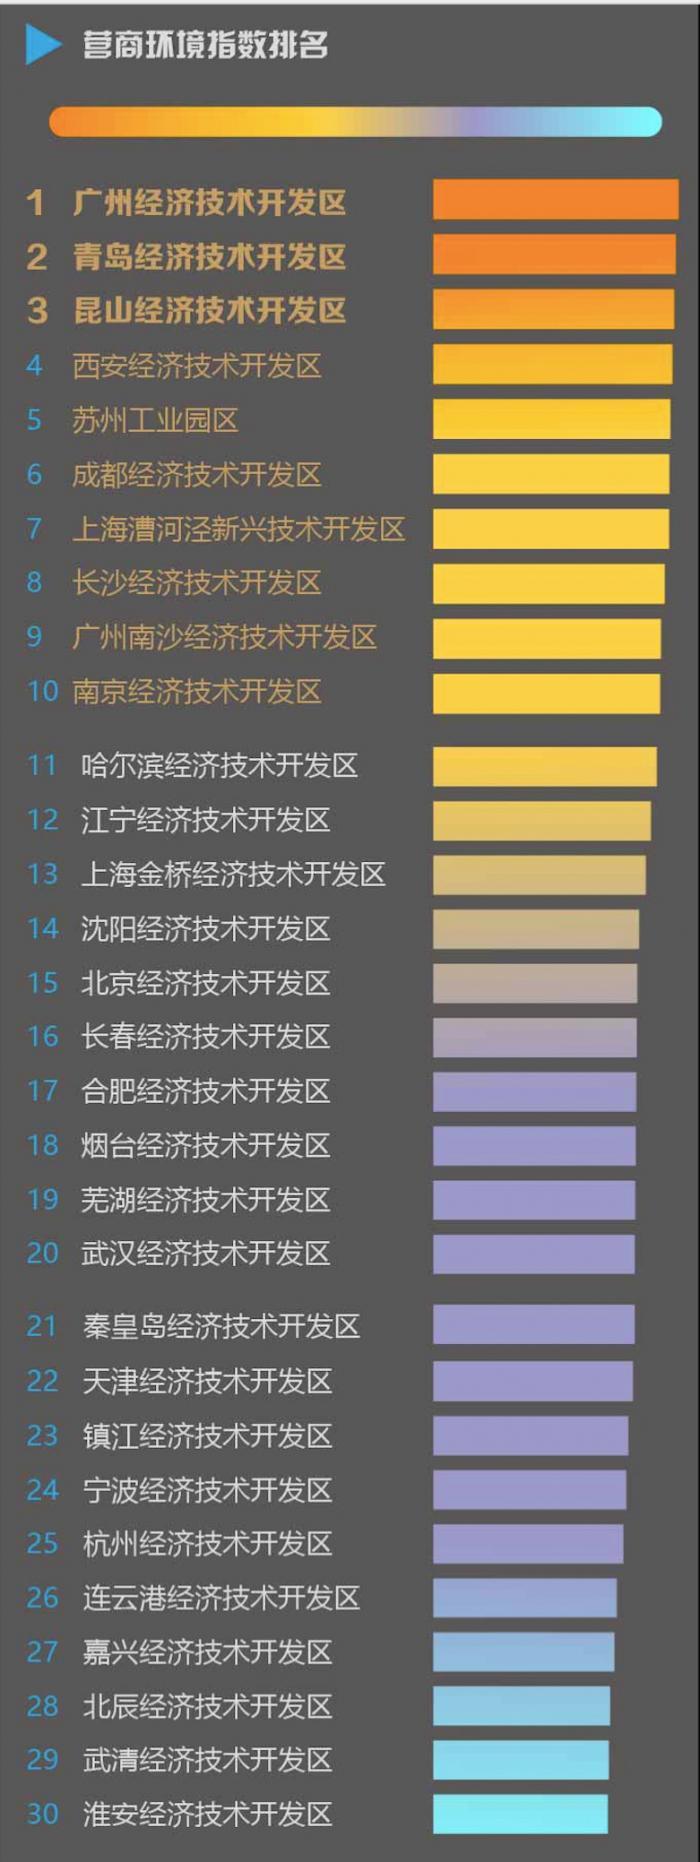 经开区营商环境指数报告:广州经开区第一青岛第二